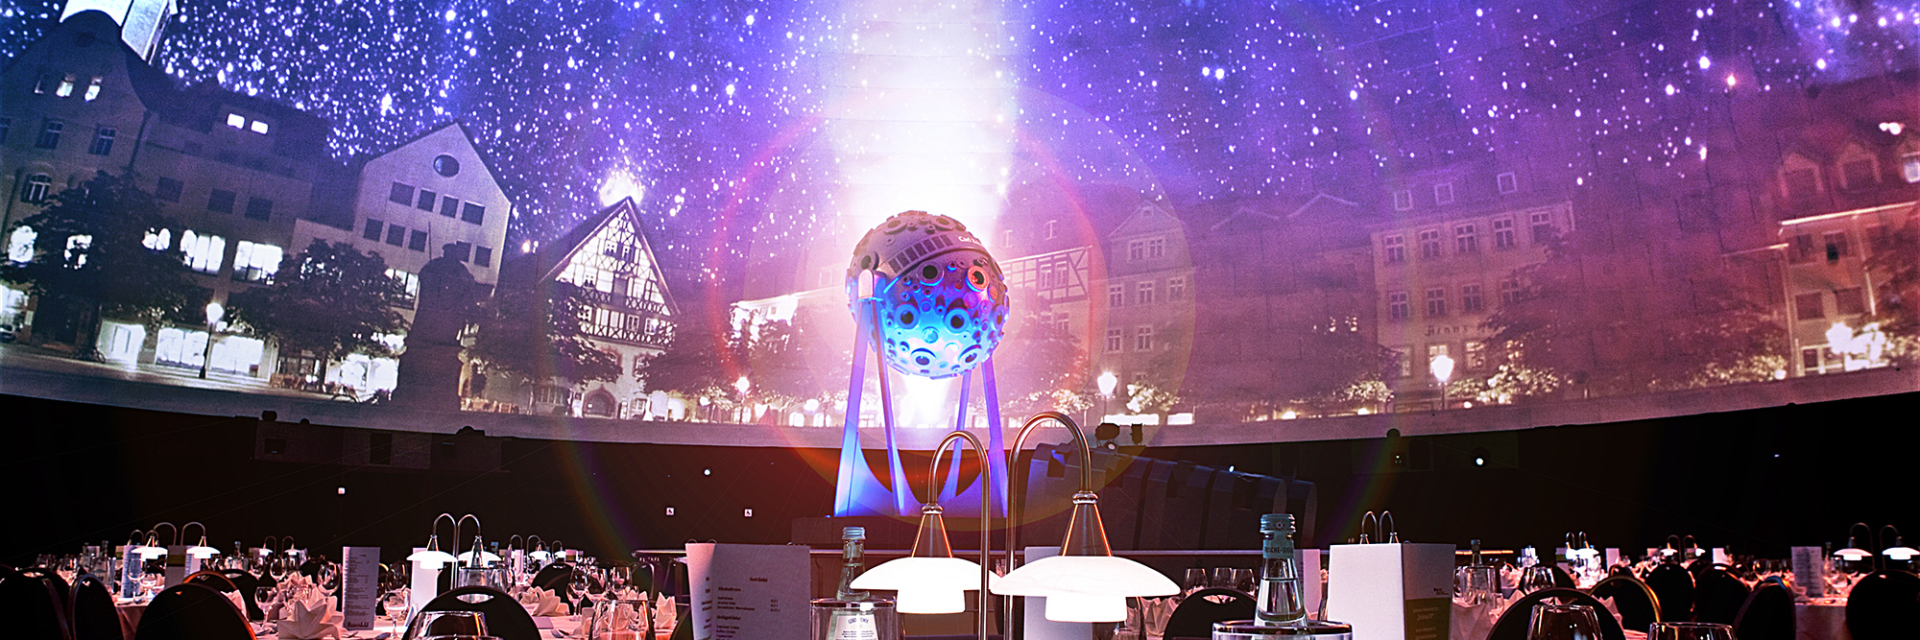 Festliches Dinner unter der sternenerleuchteten Kuppel mit Carl Zeiss Projektor im Hintergrund © Zeiss-Planetarium, Foto: W. Don Eck.